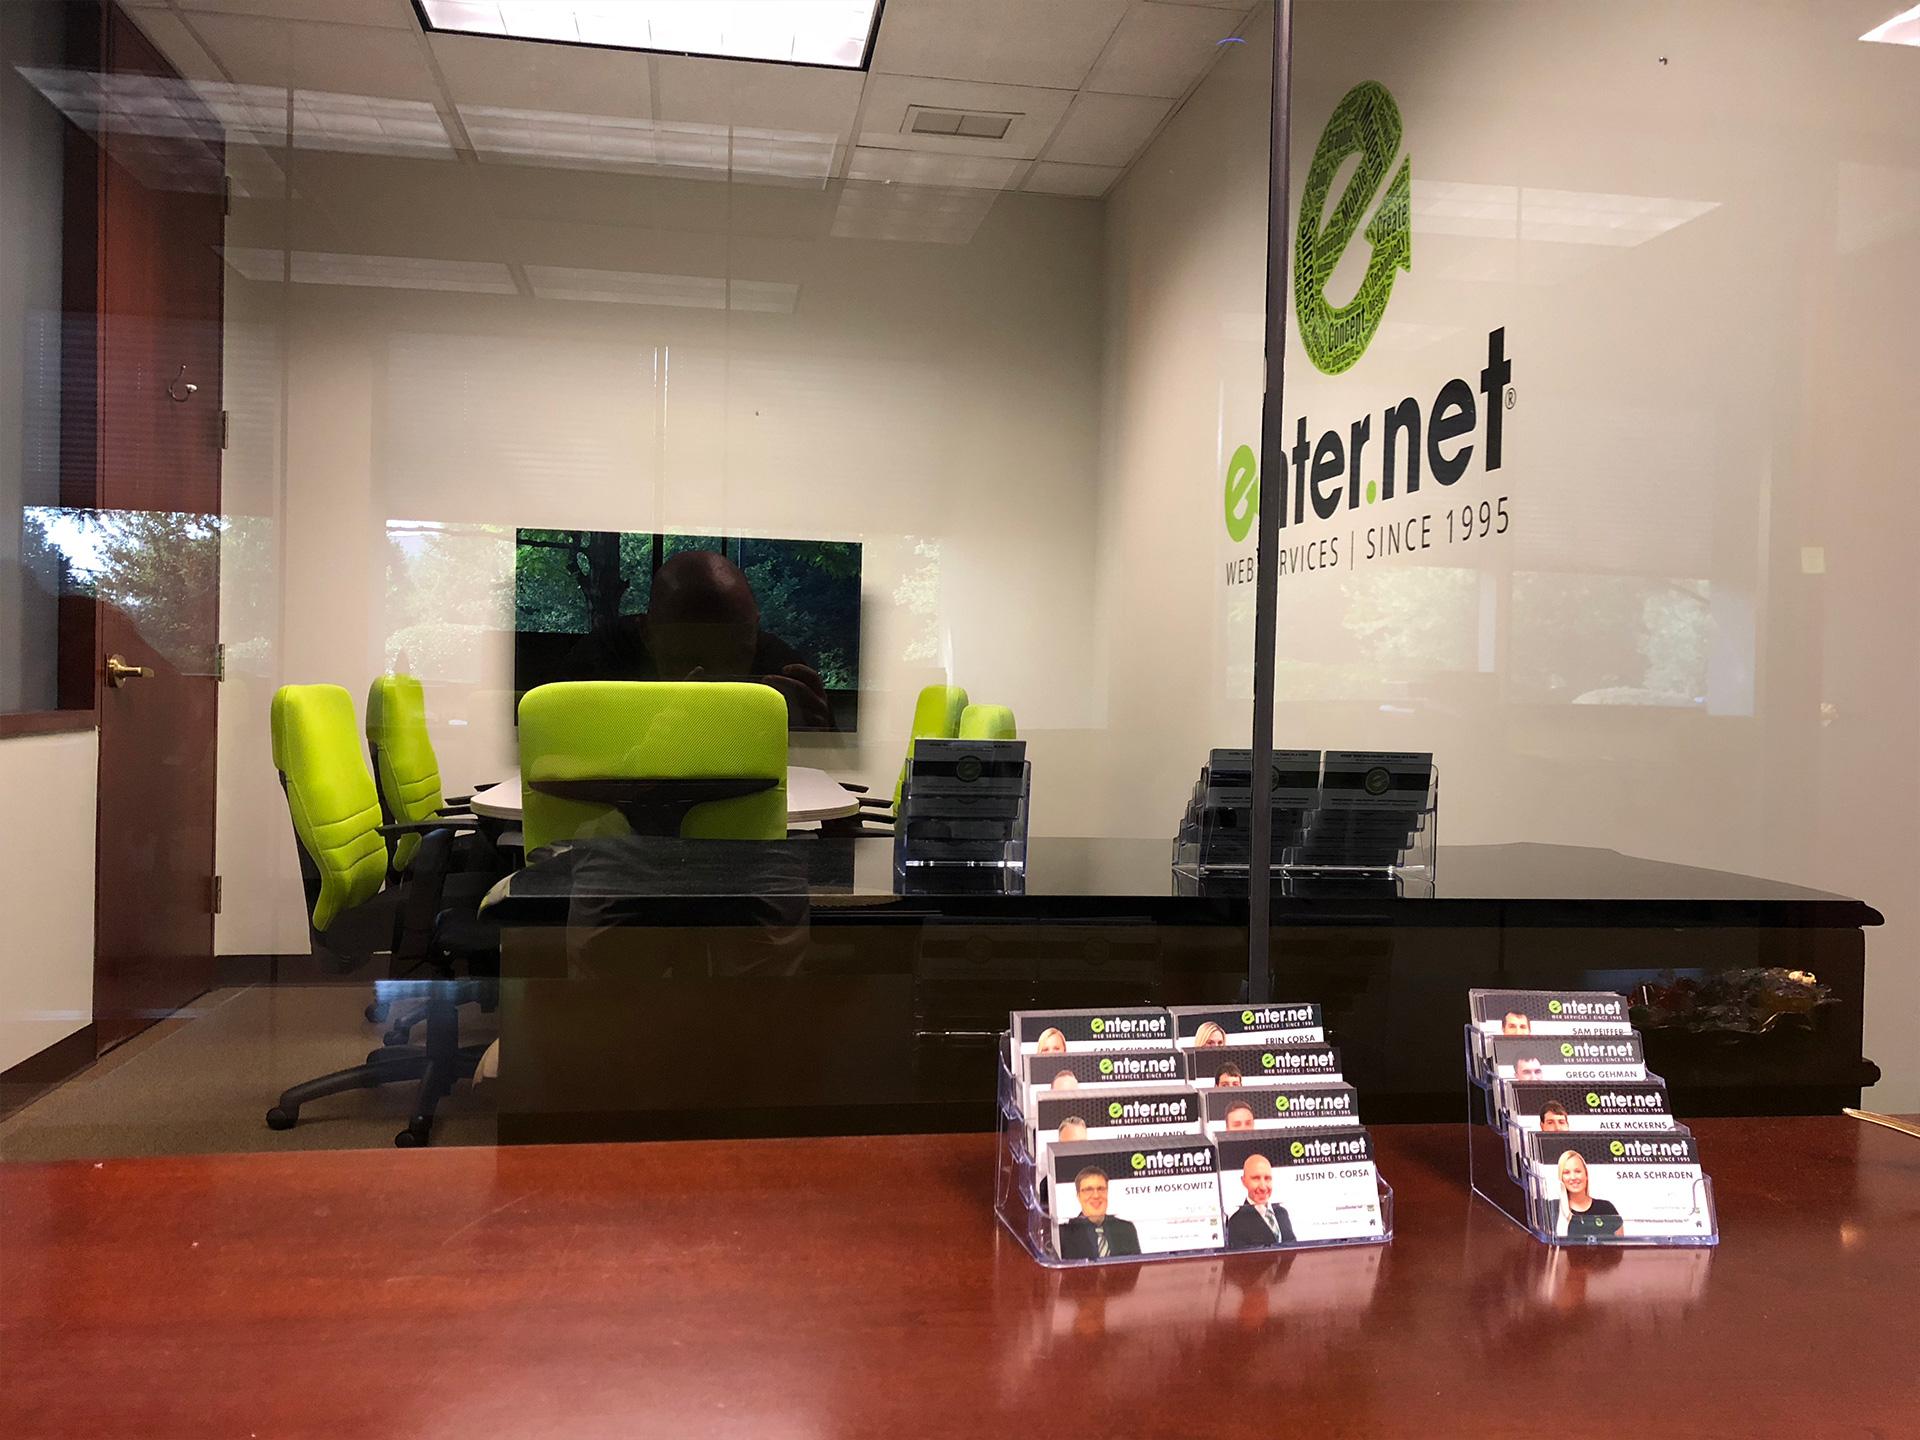 Enter.Net Conference Room